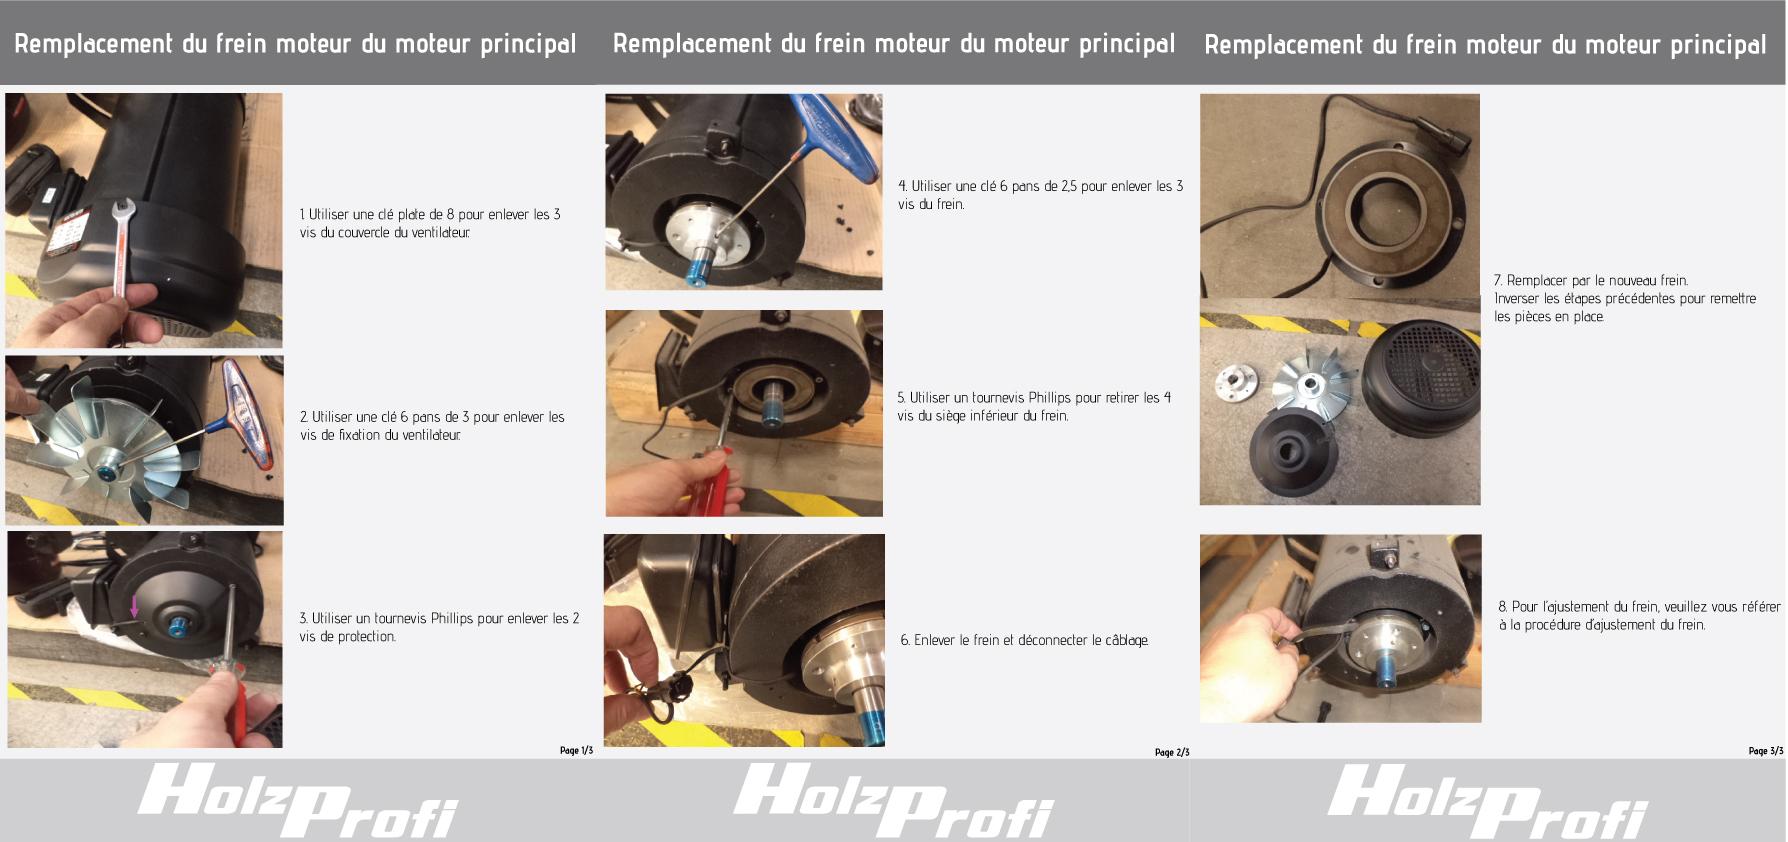 Remplacement du frein moteur sur le moteur principal